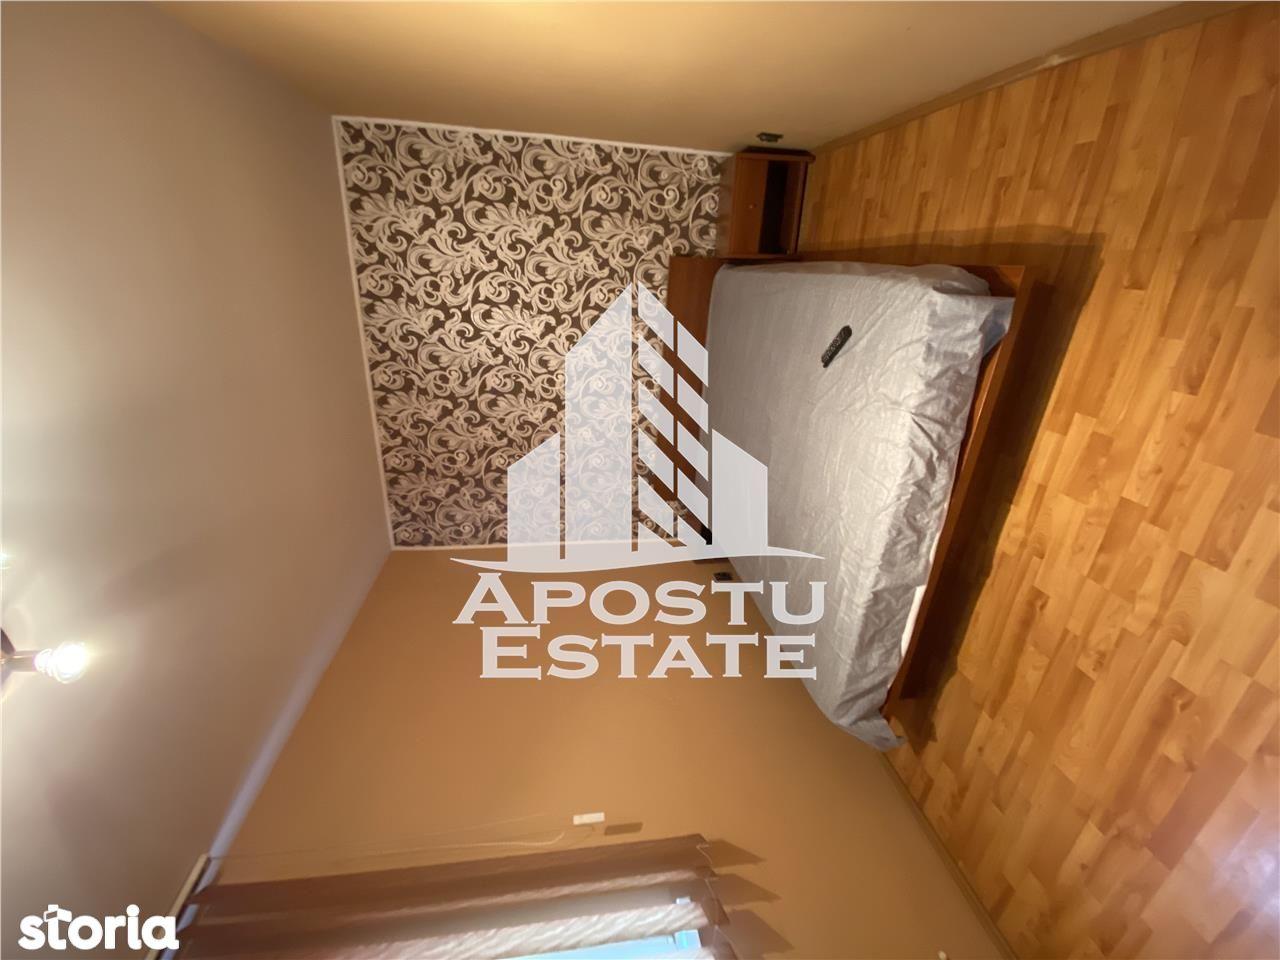 Apartament cu 3 camere, etaj intermediar lAnga Iulius Town